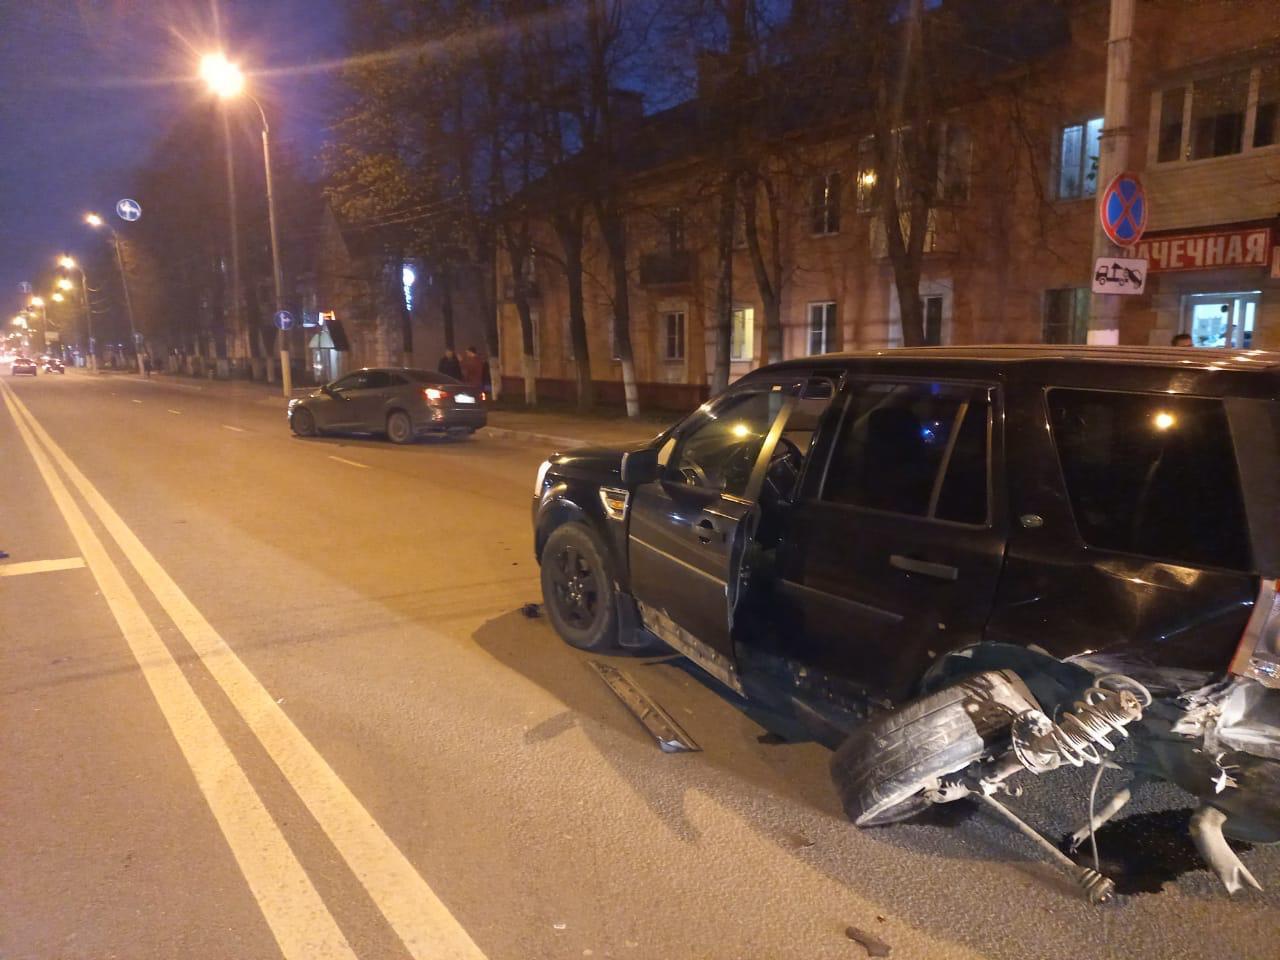 В Твери из-за пьяного водителя пострадал трезвый